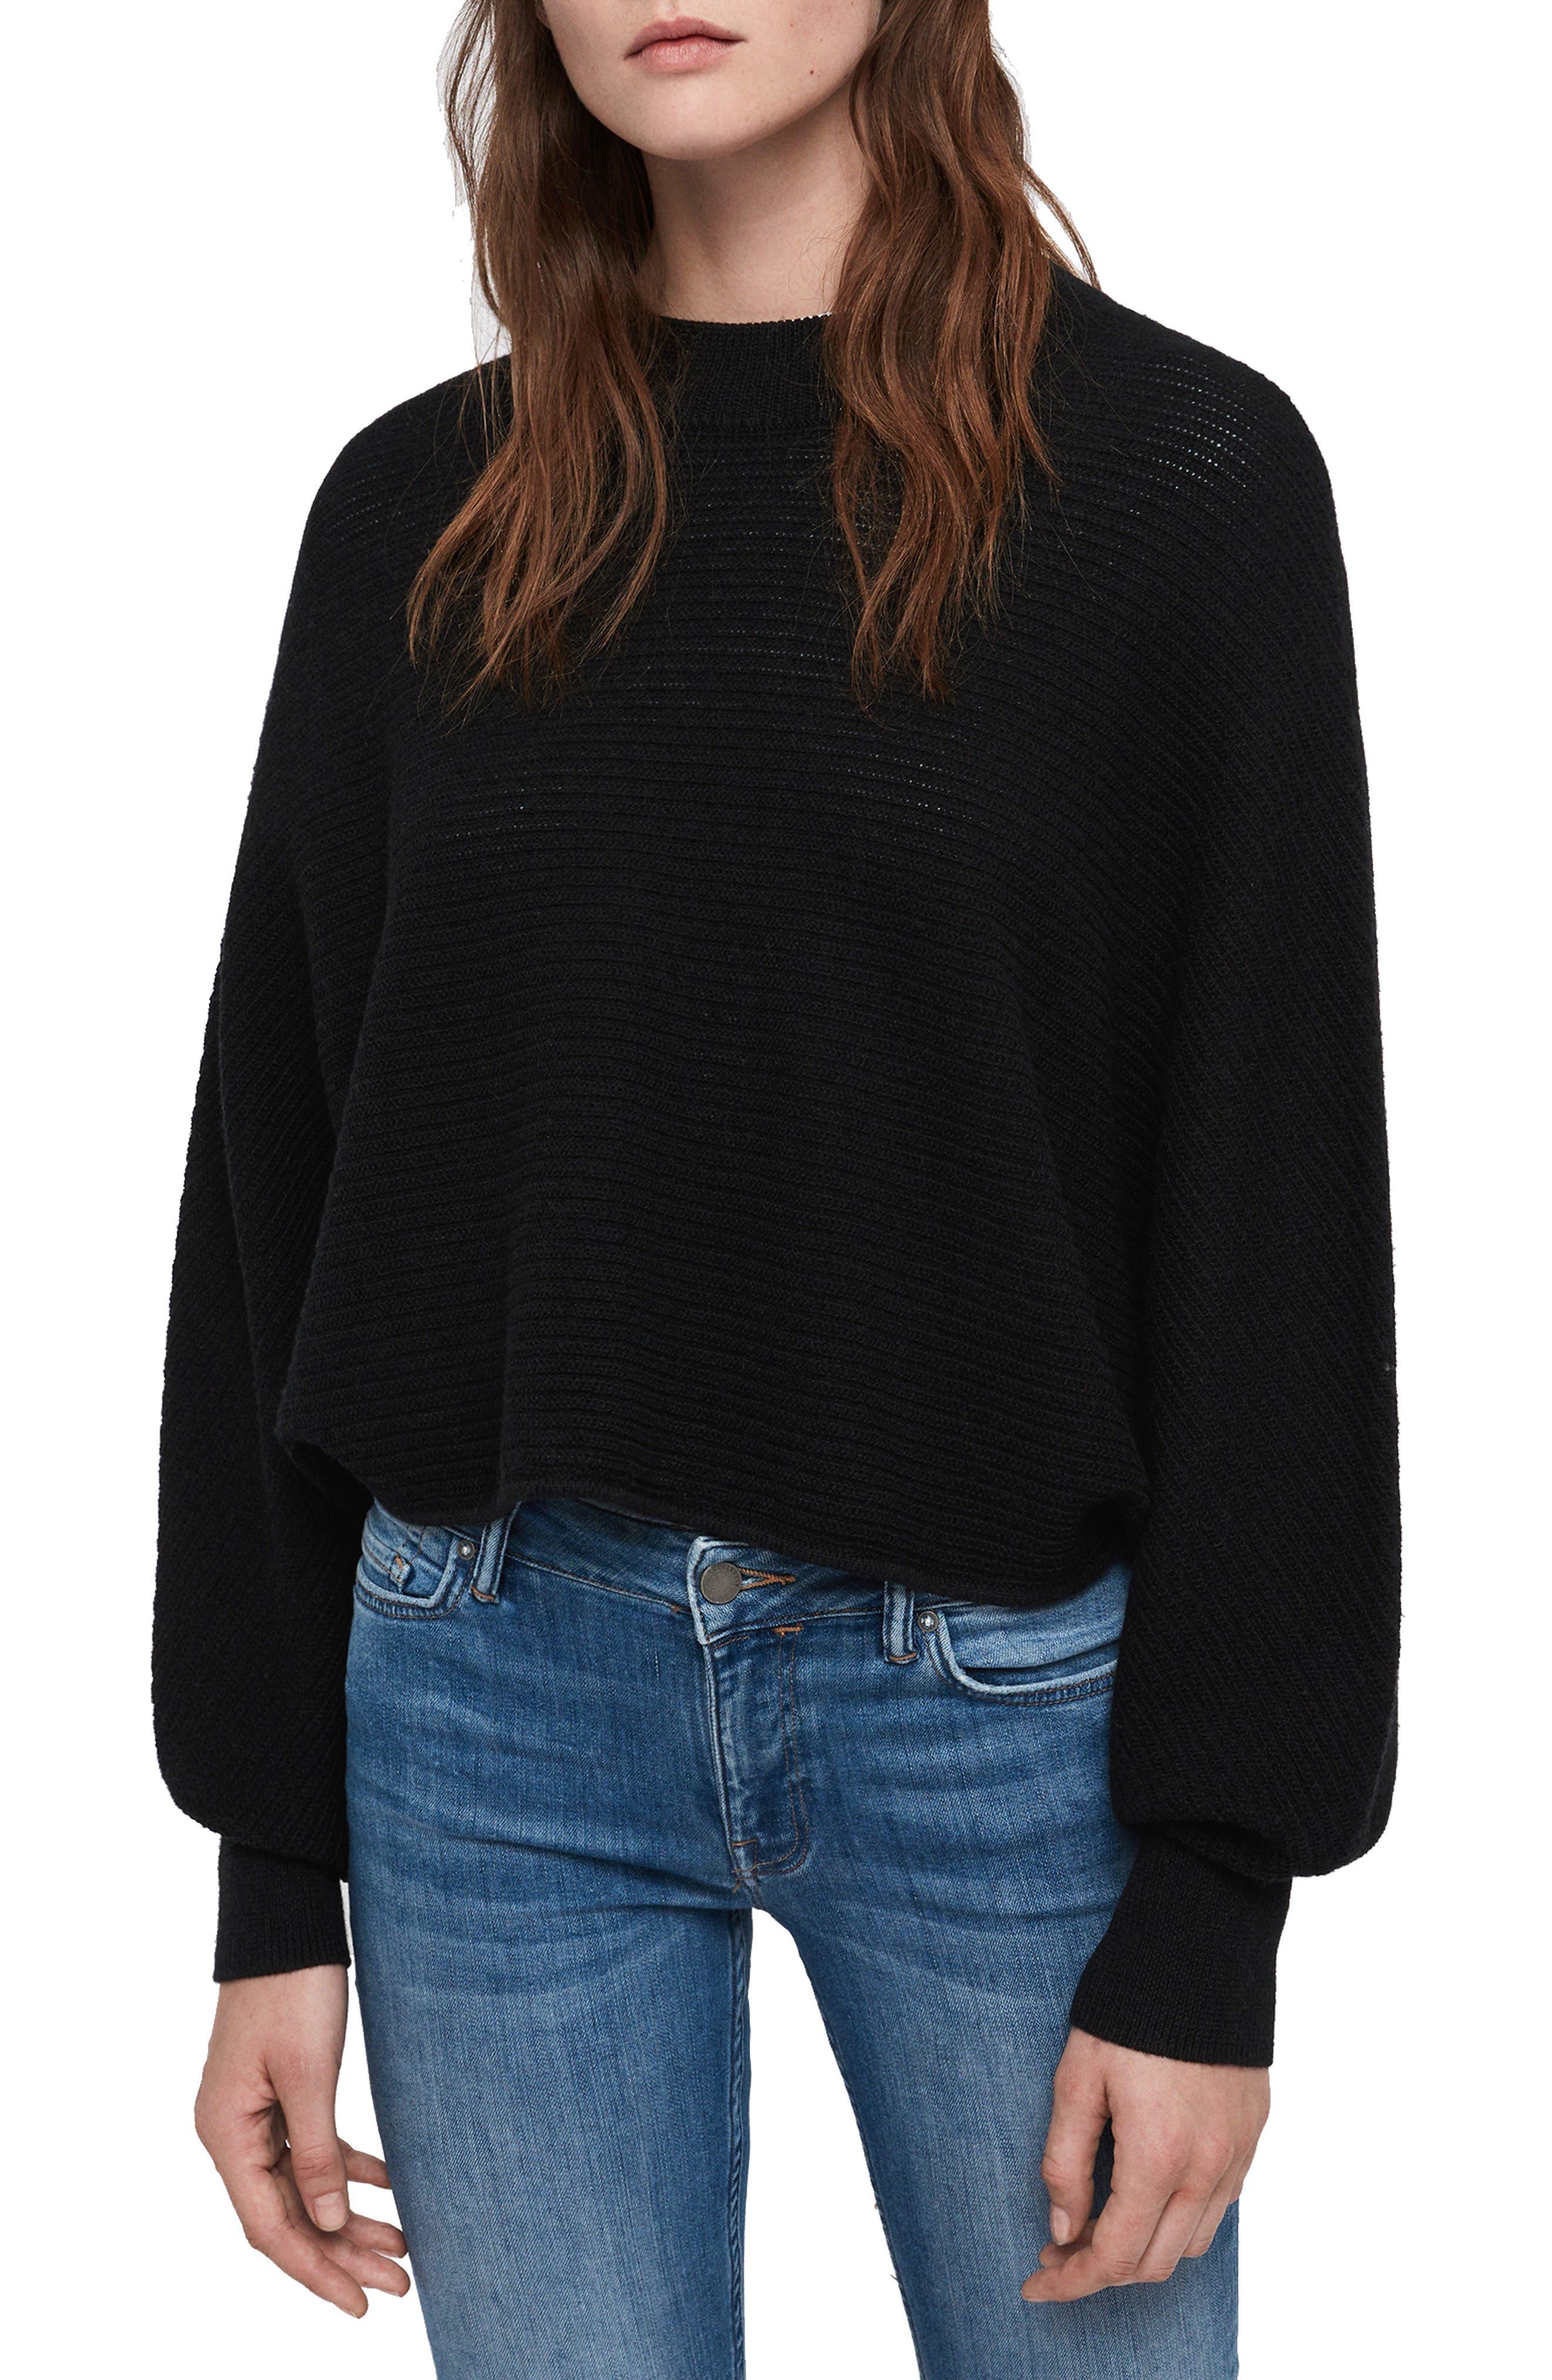 Allsaints Gene Blouson Merino Wool Sweater, Black